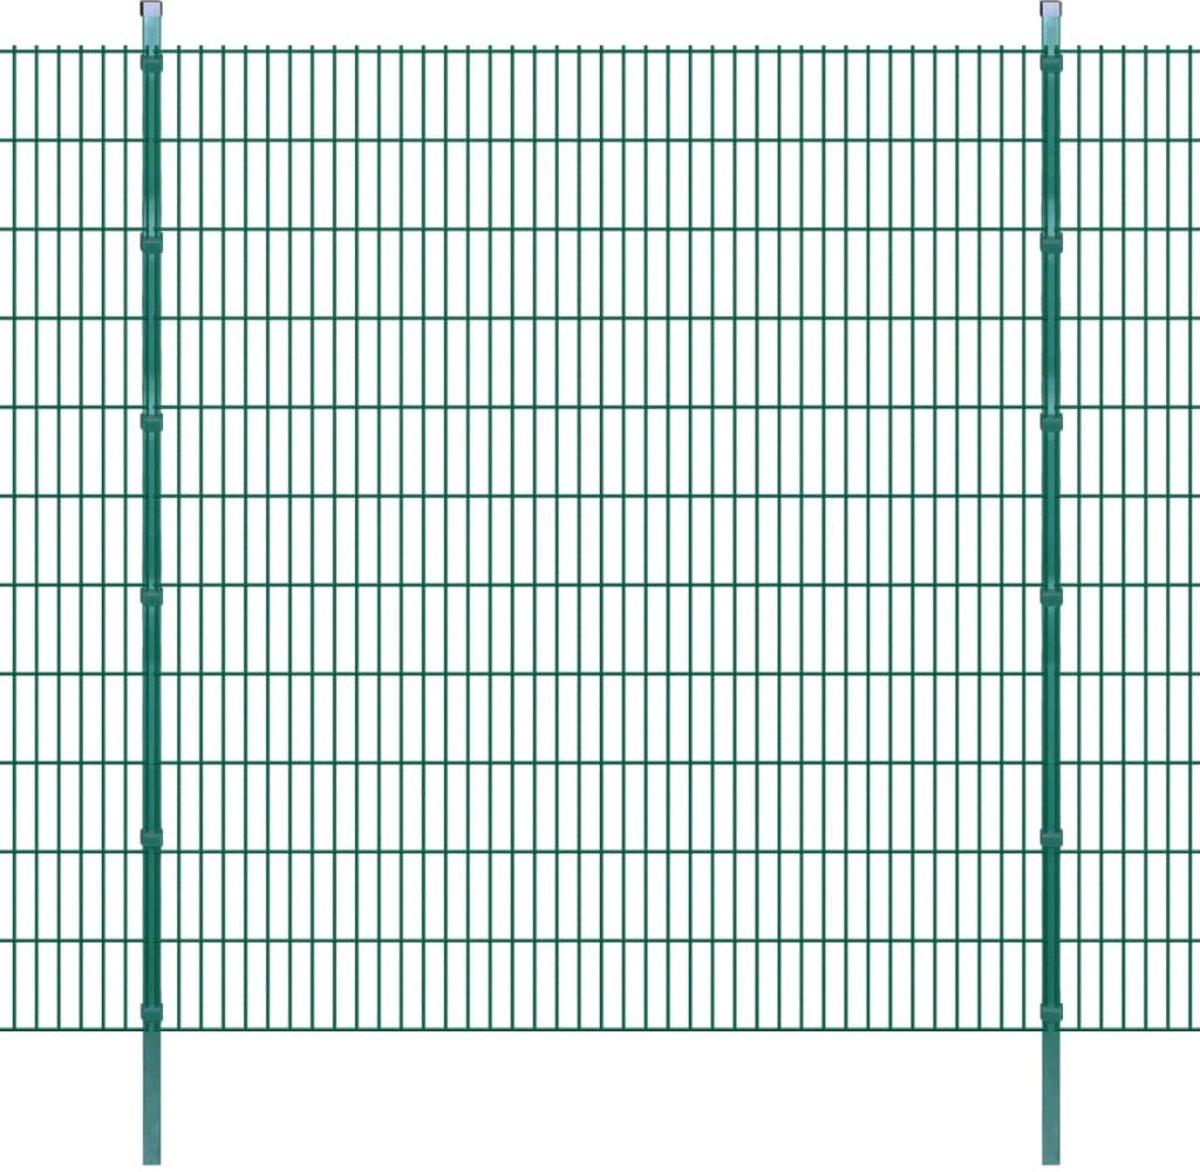 vidaXL Dubbelstaafmat 2008 x 2230 mm 4 m groen 2 stuks kopen